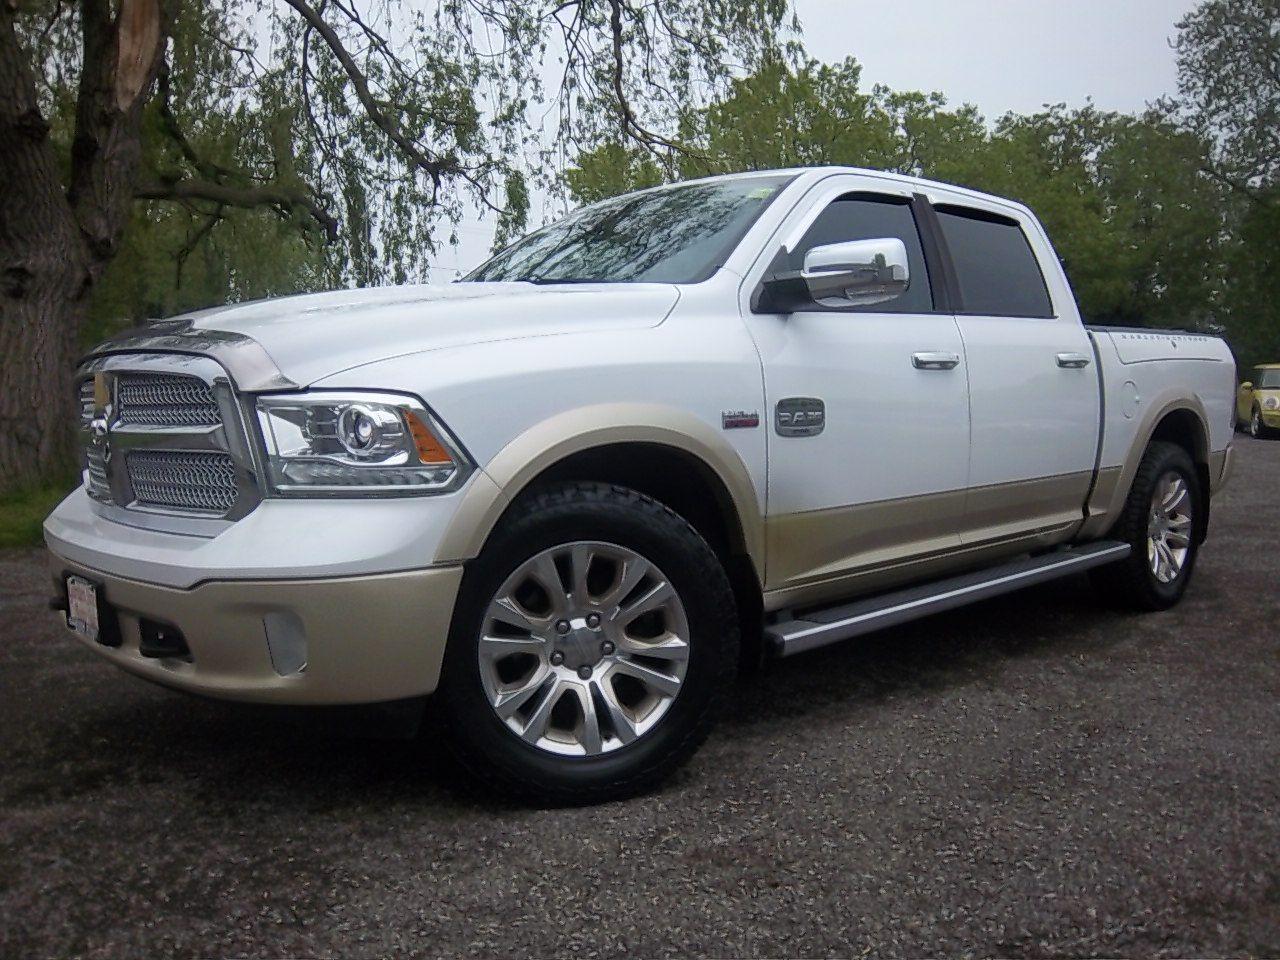 2013 RAM 1500 LARAMIE LONGHORN